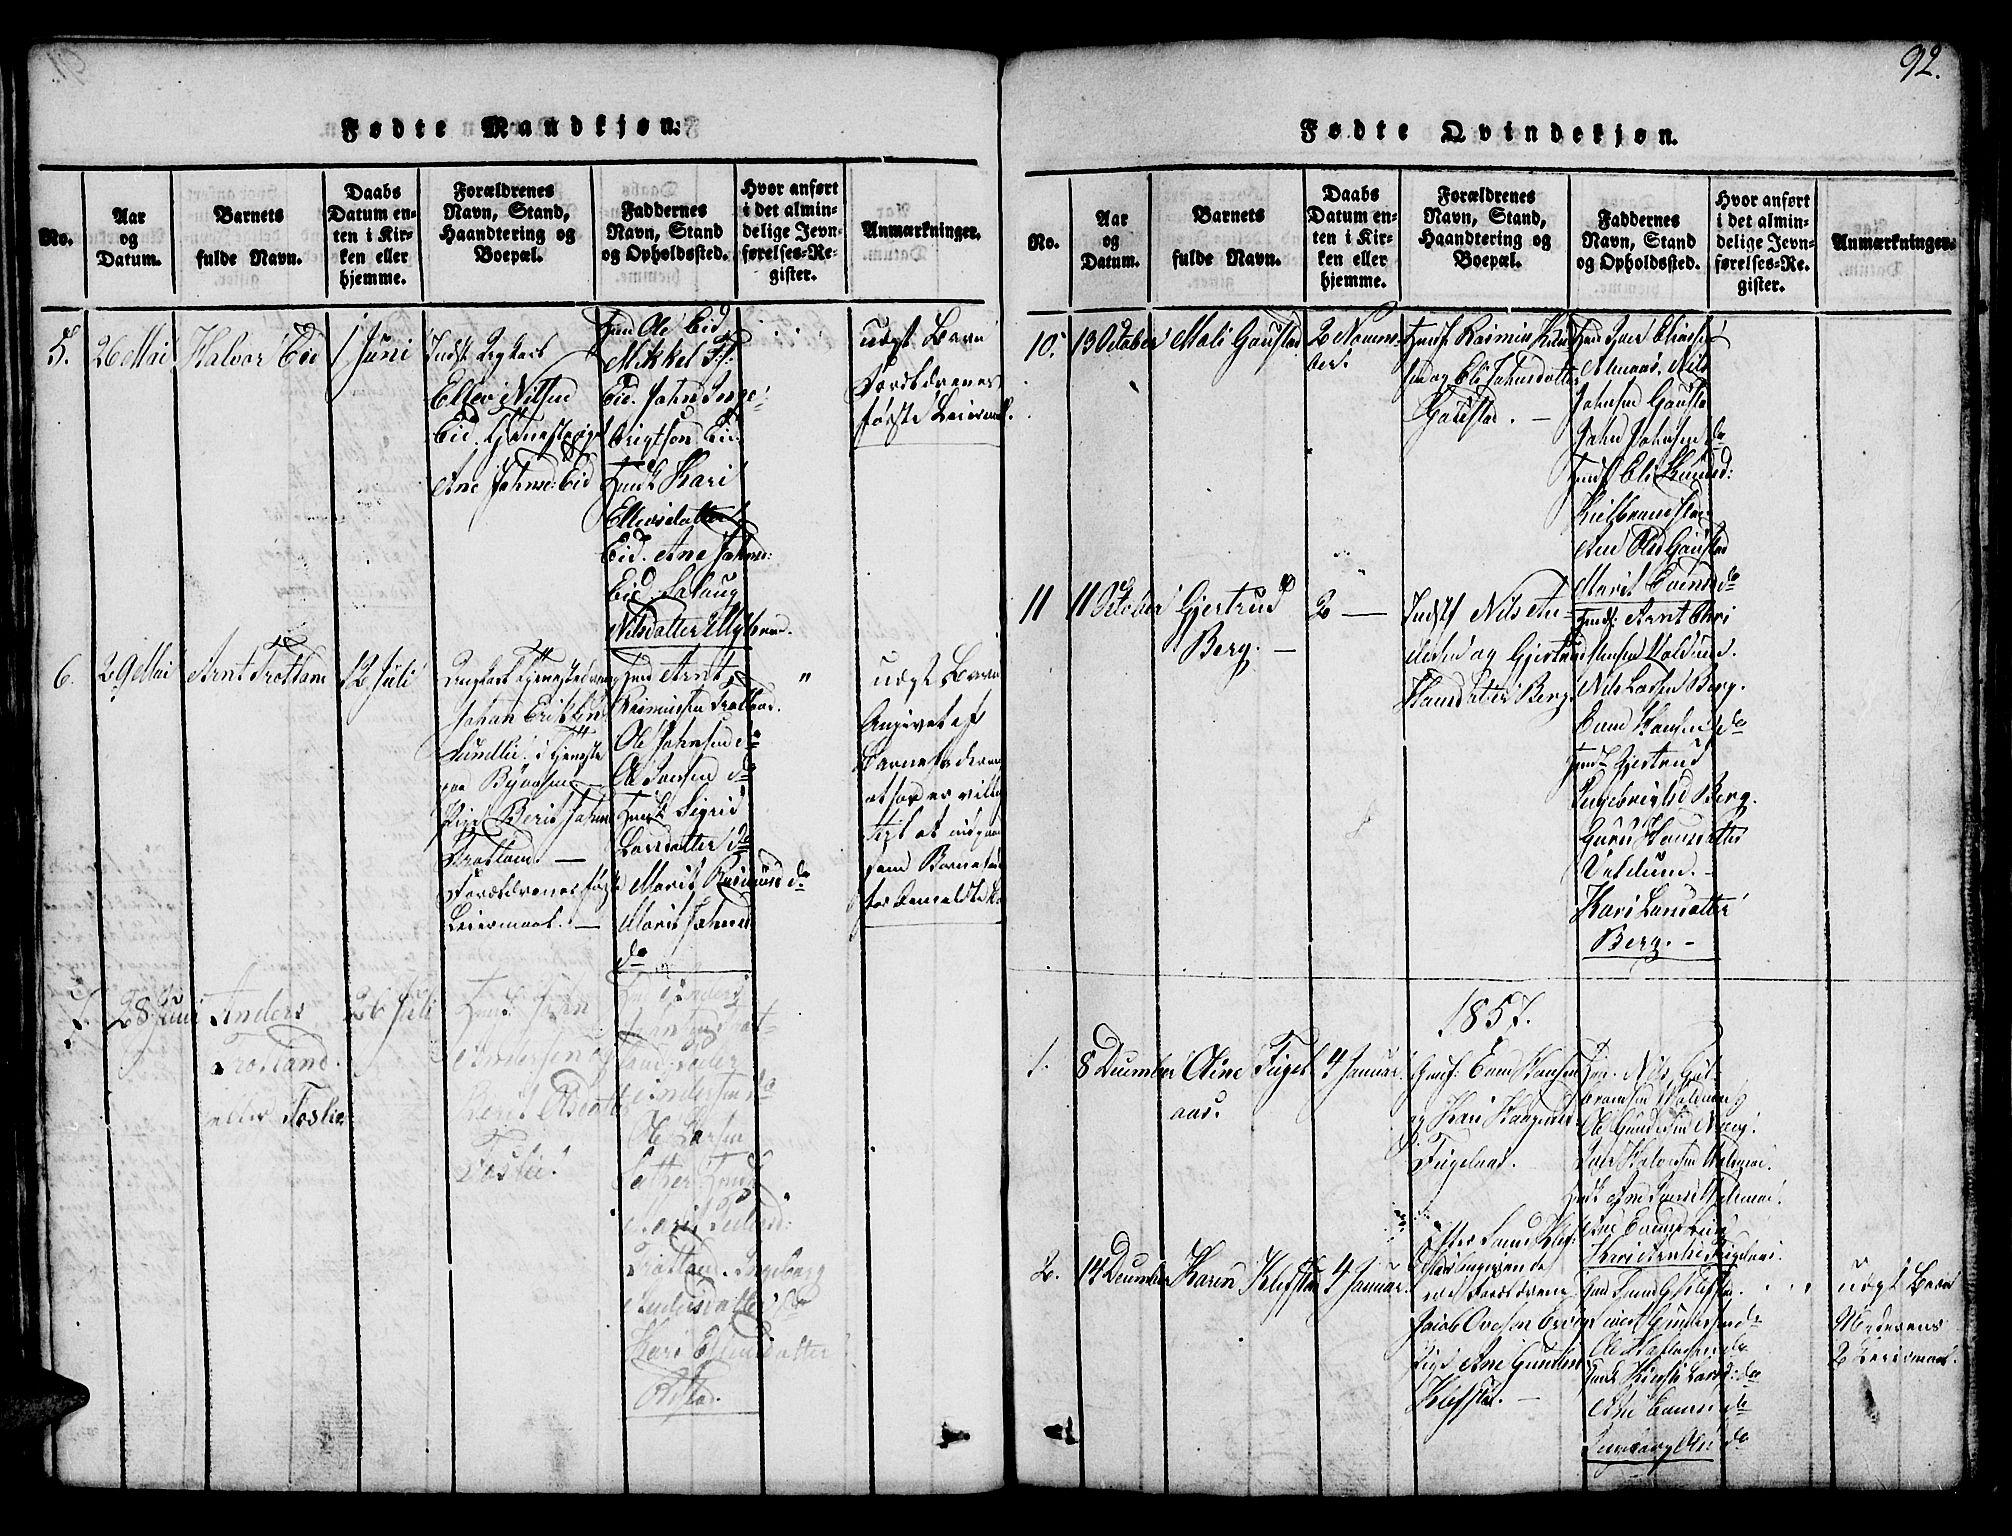 SAT, Ministerialprotokoller, klokkerbøker og fødselsregistre - Sør-Trøndelag, 694/L1130: Klokkerbok nr. 694C02, 1816-1857, s. 92